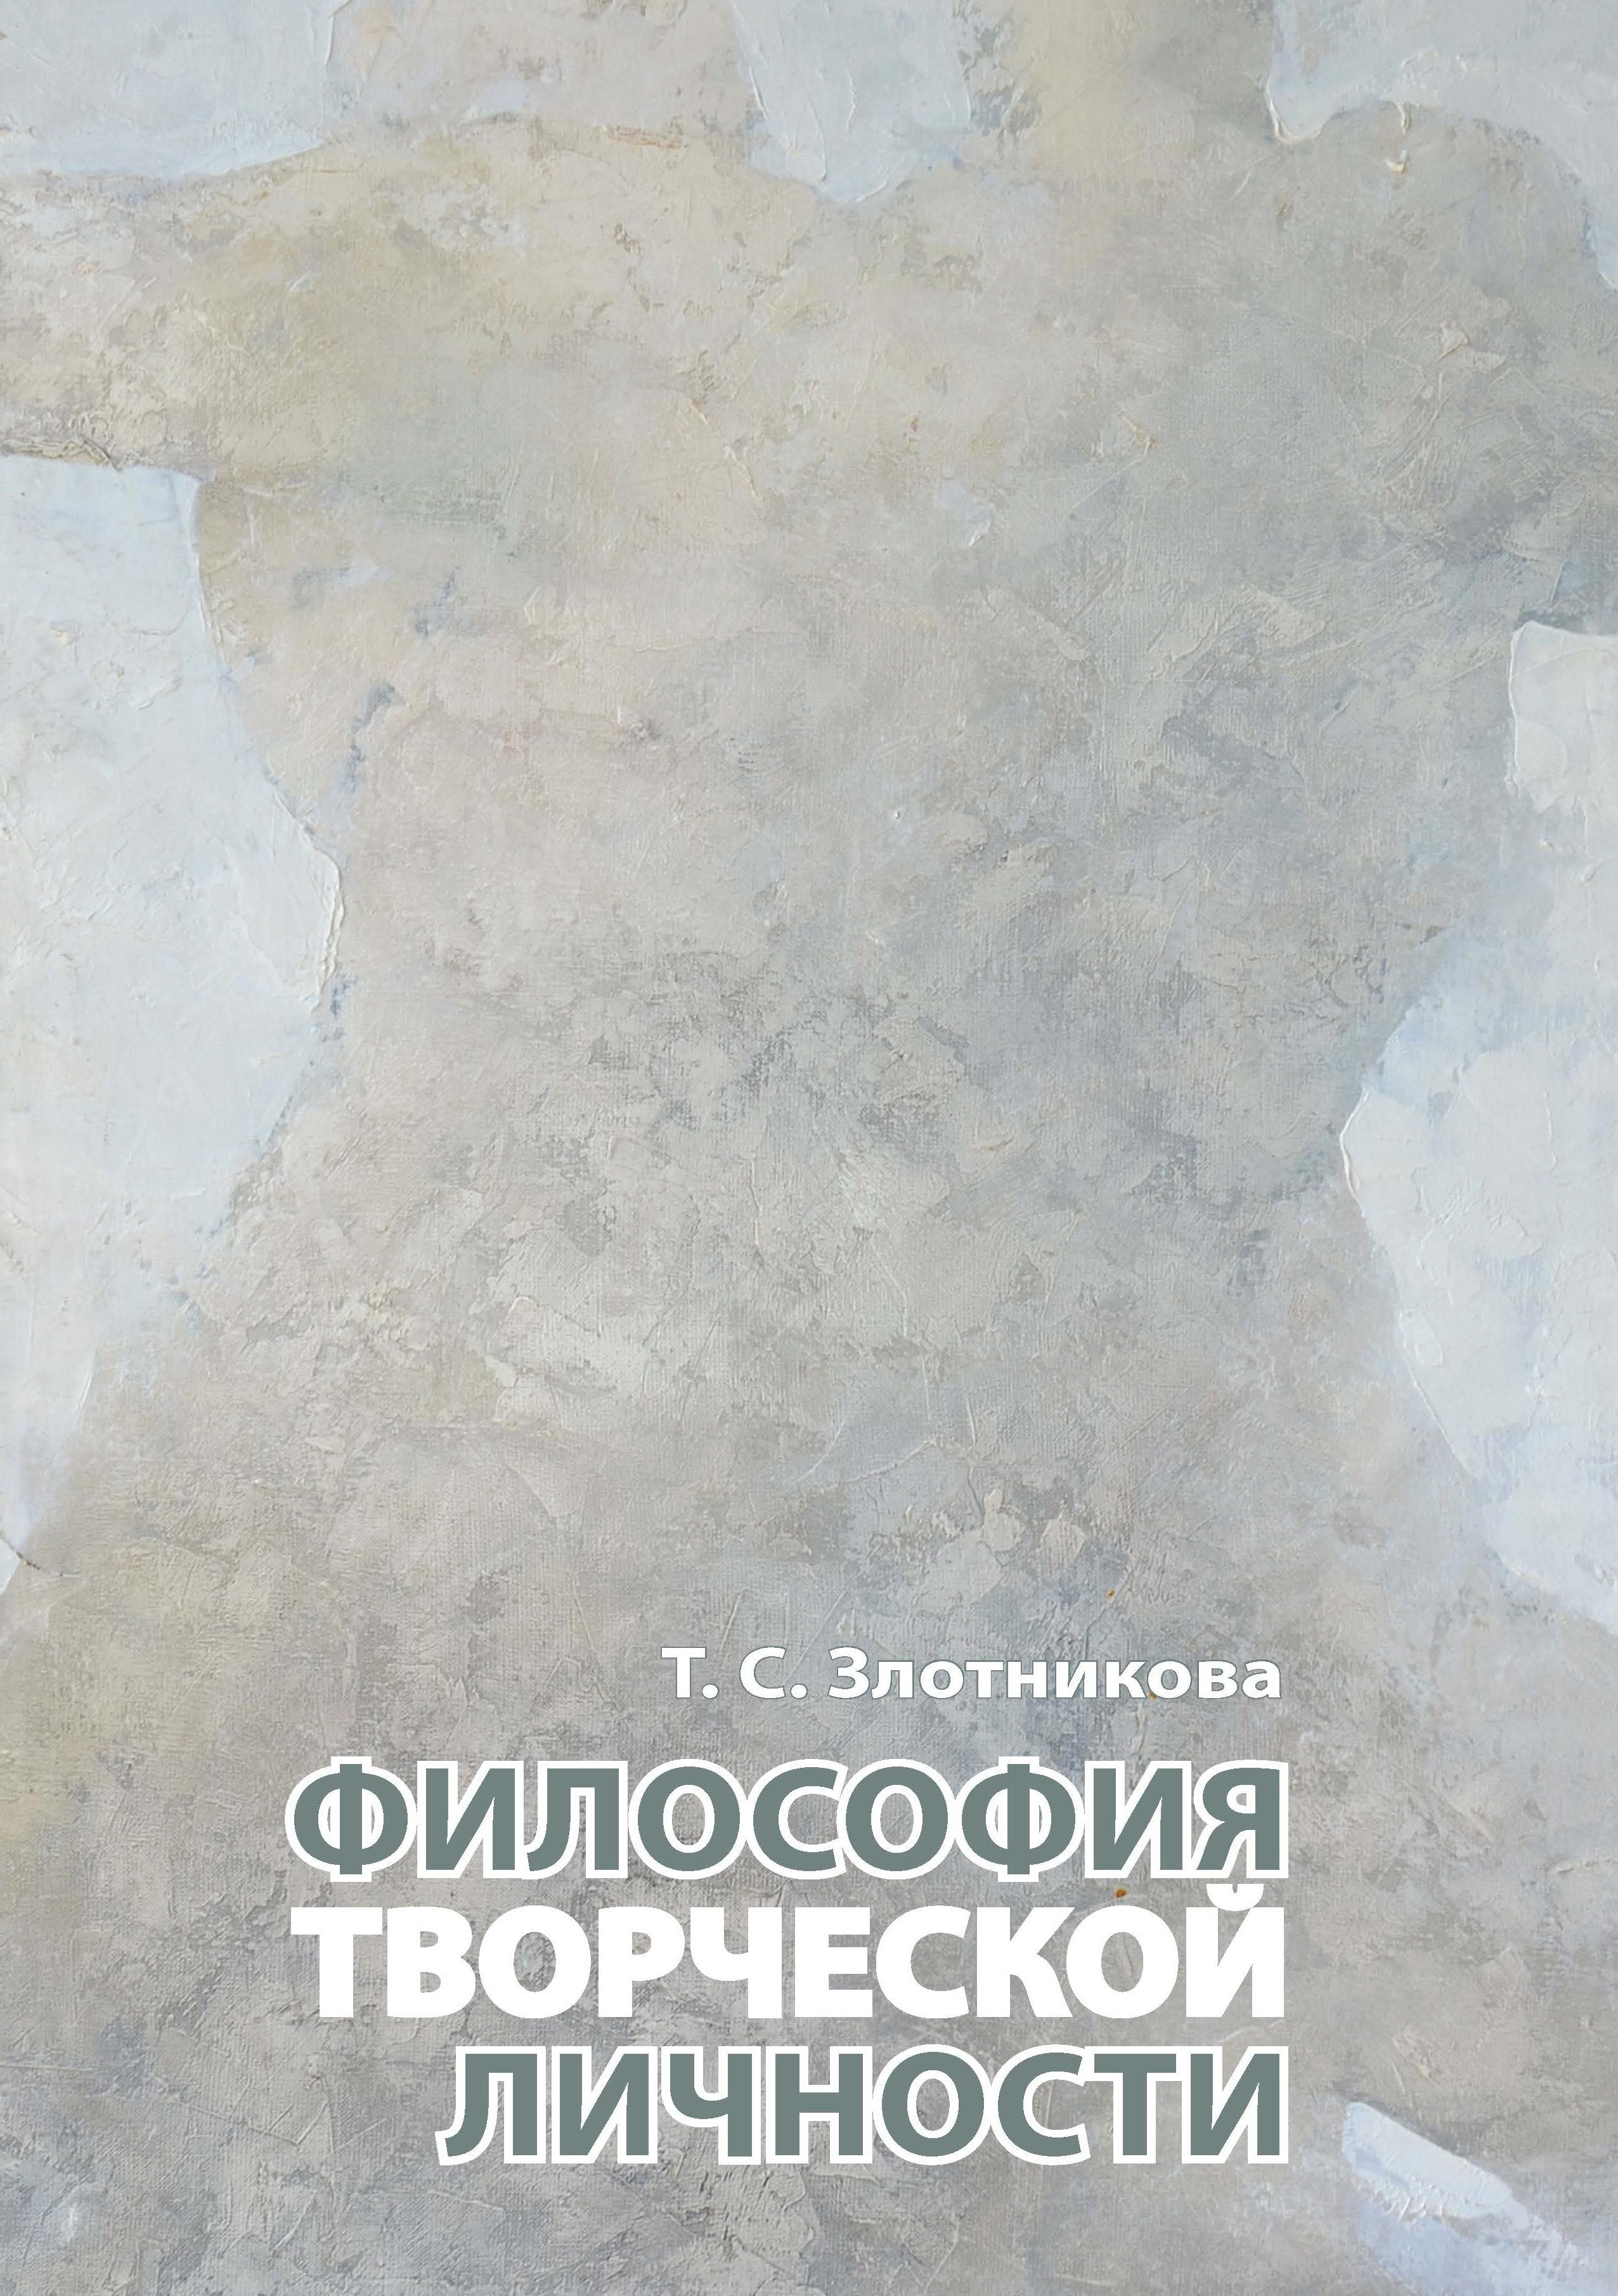 Т. С. Злотникова Философия творческой личности марша лайнен когнитивно поведенческая терапия пограничного расстройства личности